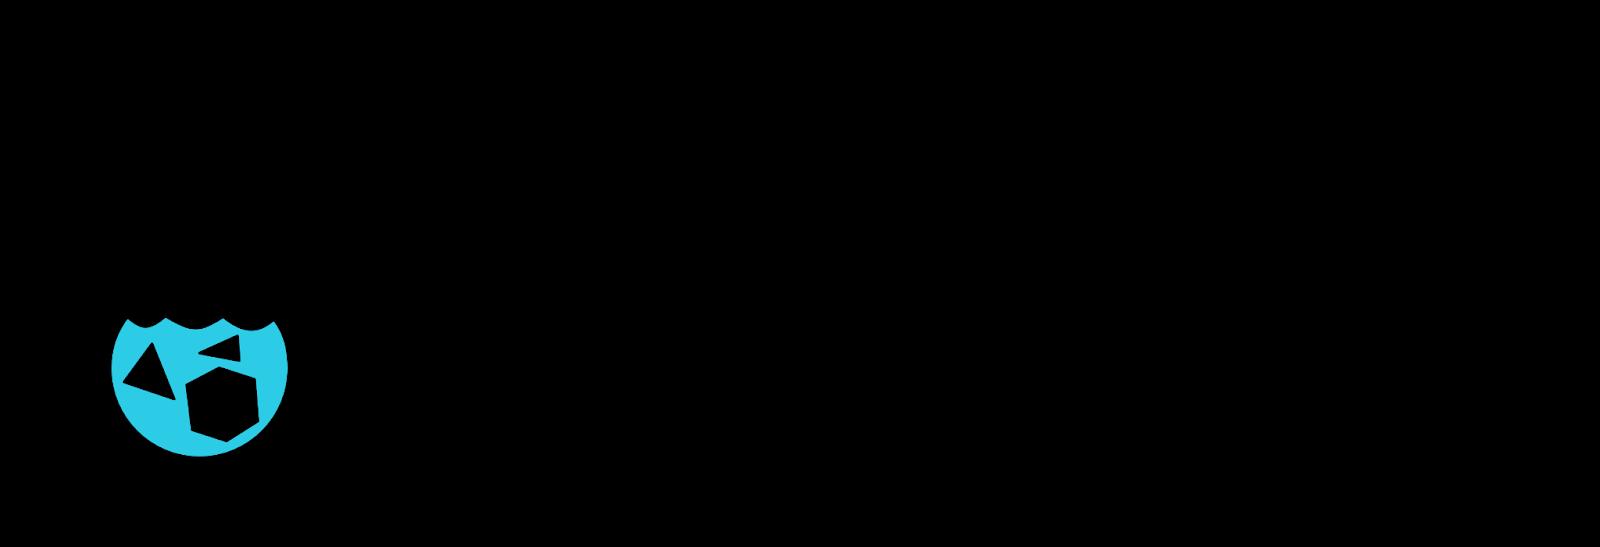 Transmutr